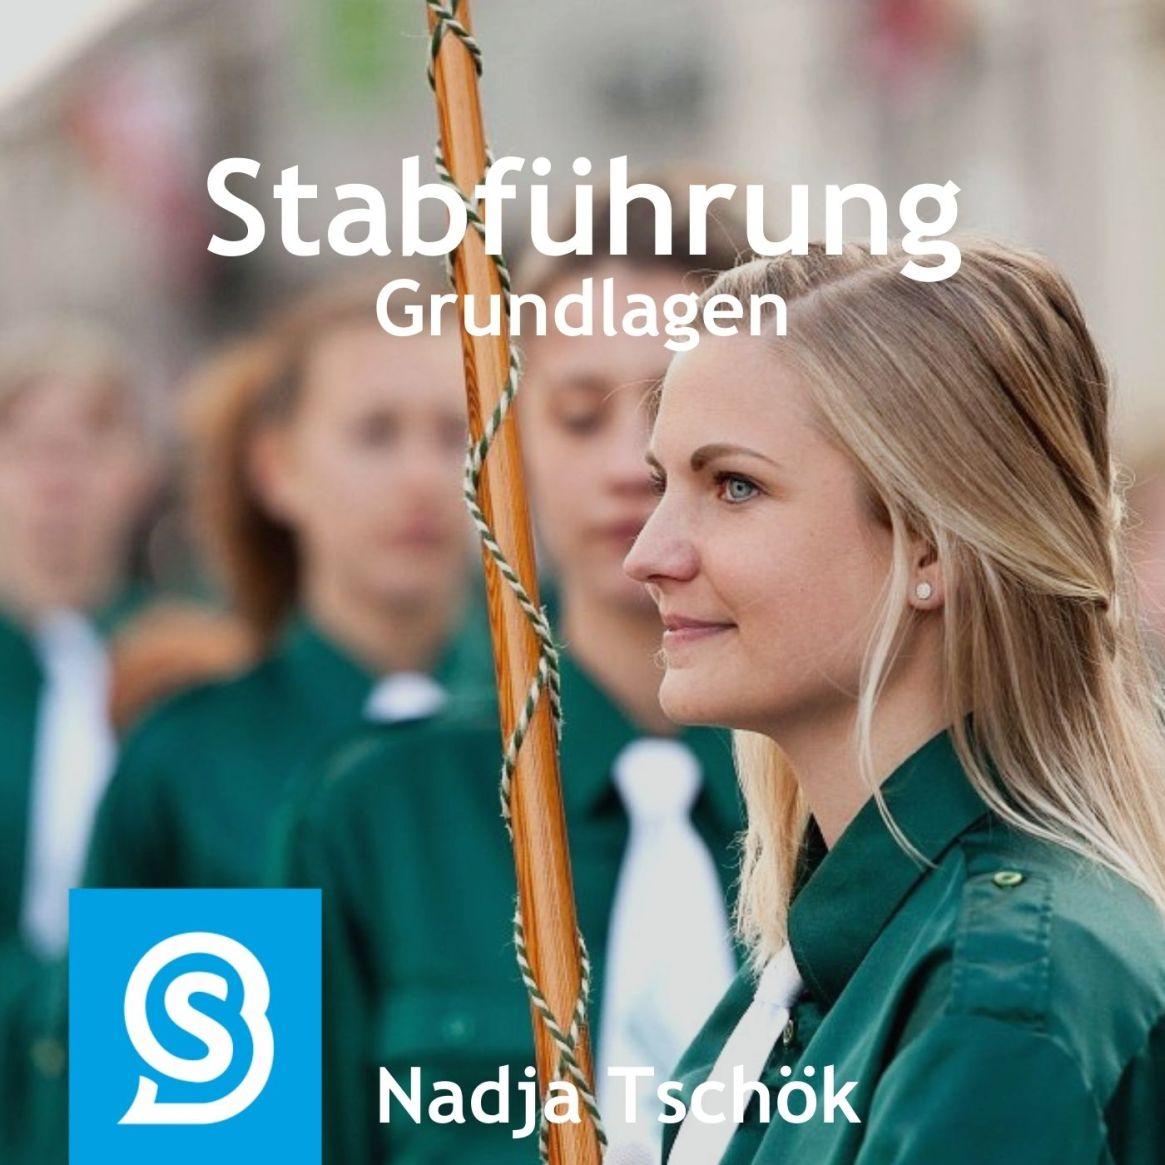 Stabführung Grundlagen üben - mit Nadja